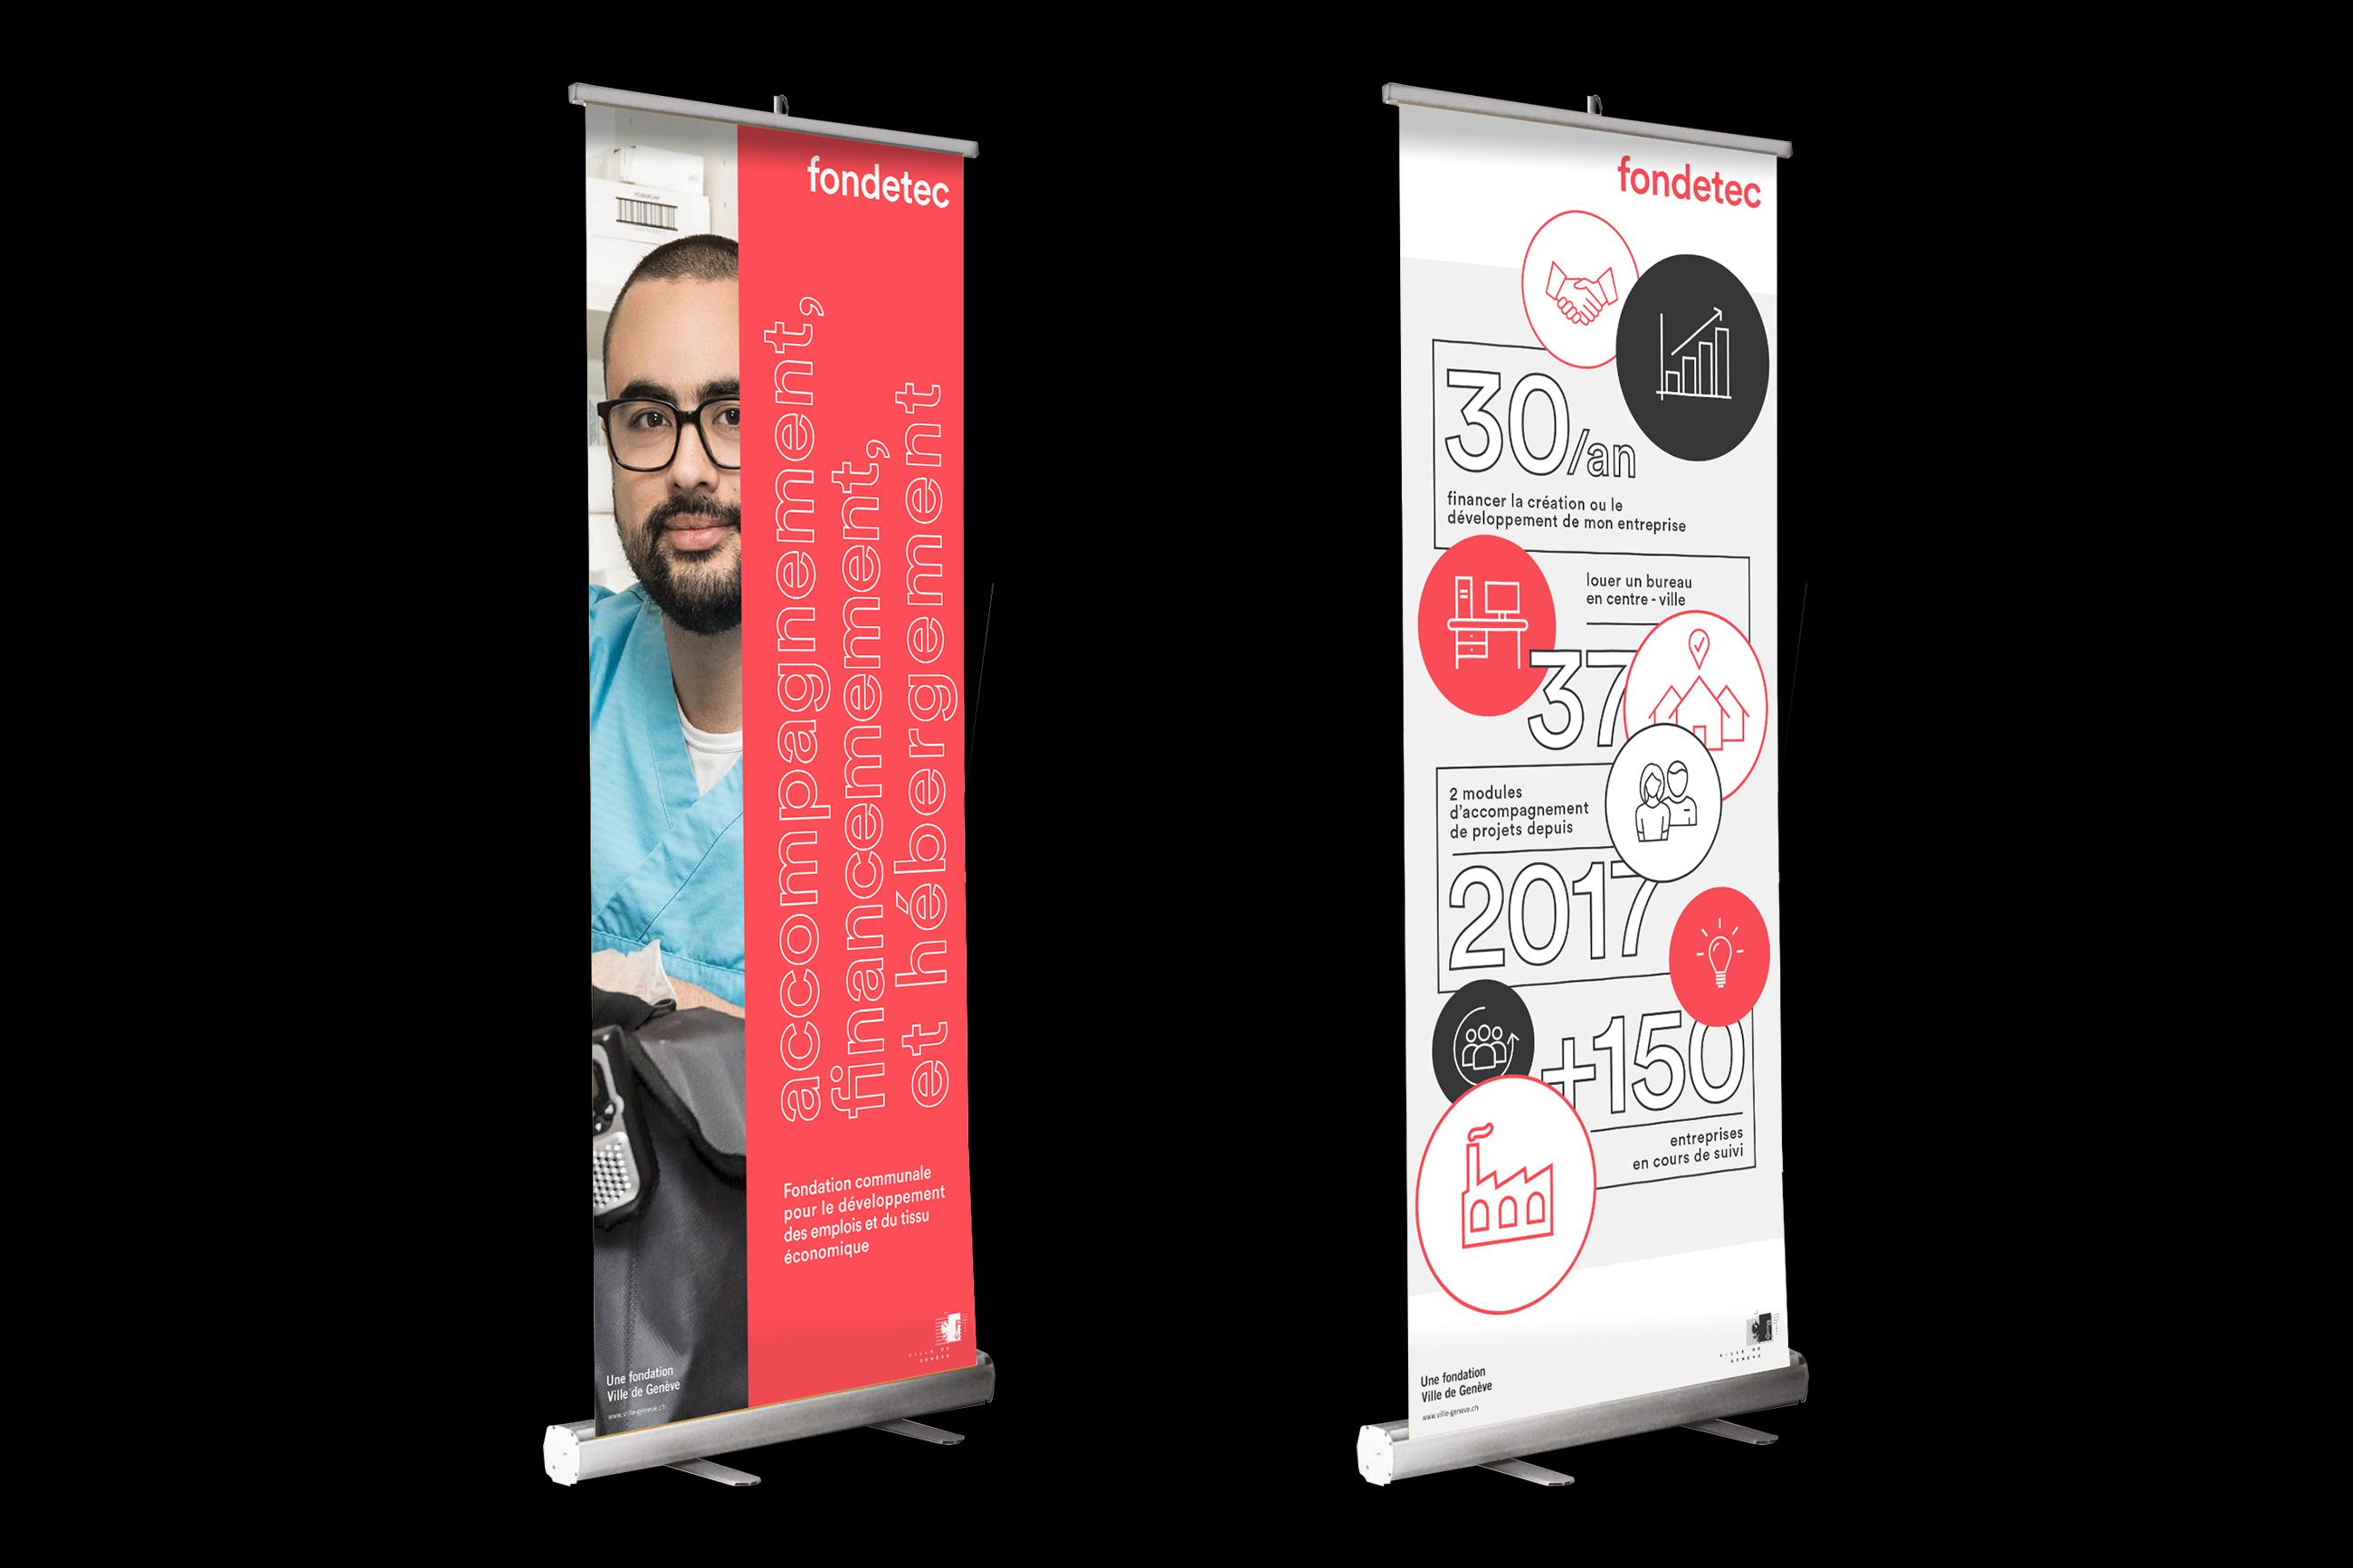 Graphisme Geneve graphic design graphique direction artistique logo identité visuelle identity branding brand fondetec fondation ville de geneve financement rollup  bannière